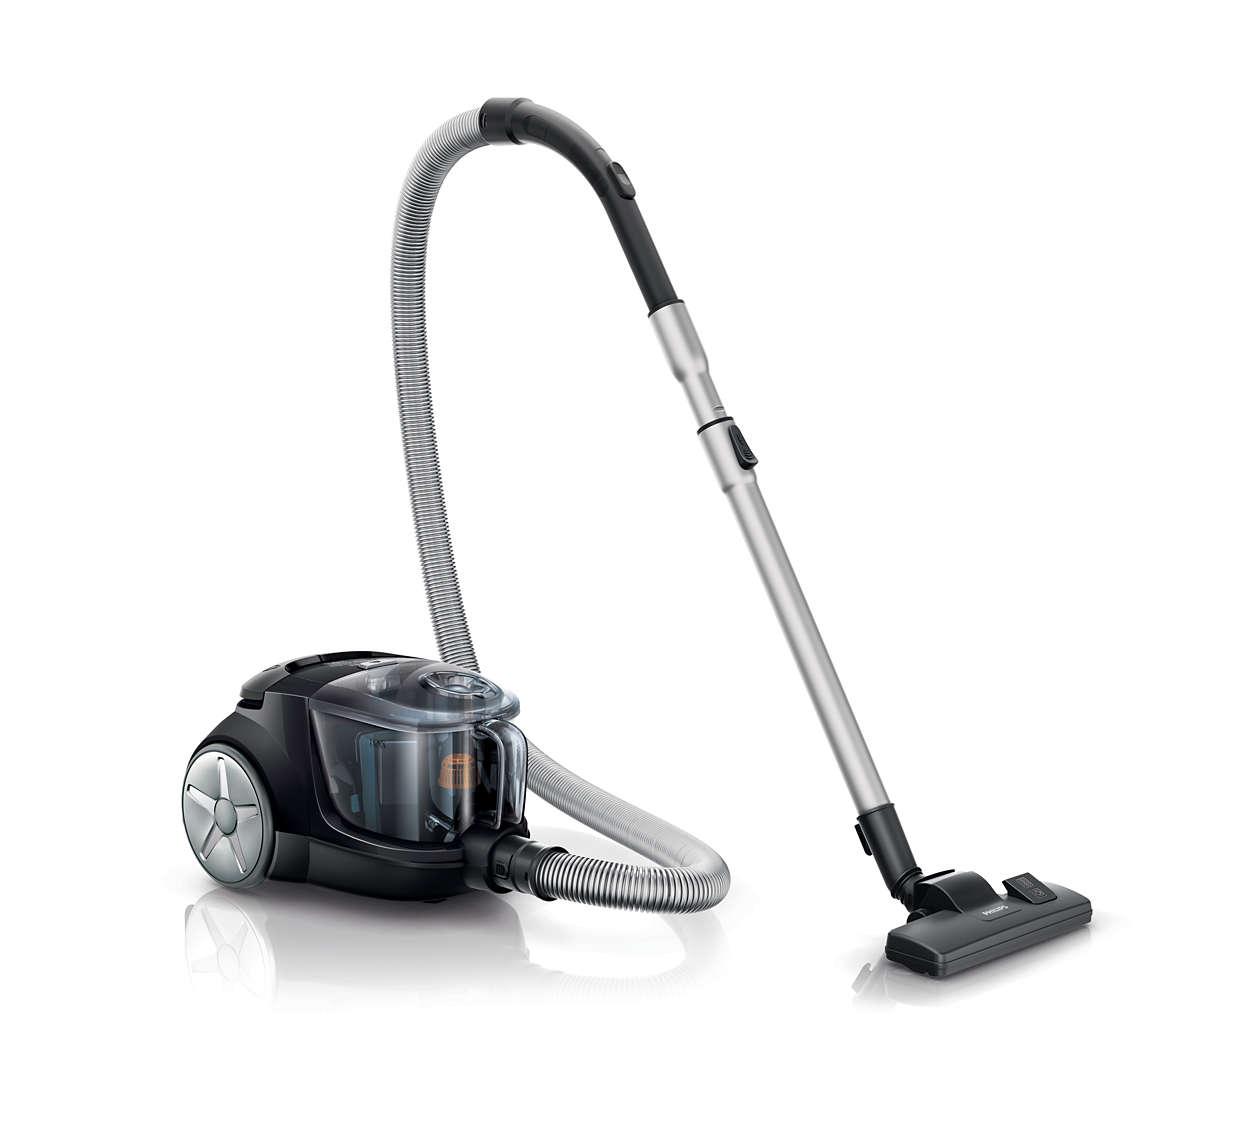 더 효과적인 청소를 위한 강력한 흡입력*